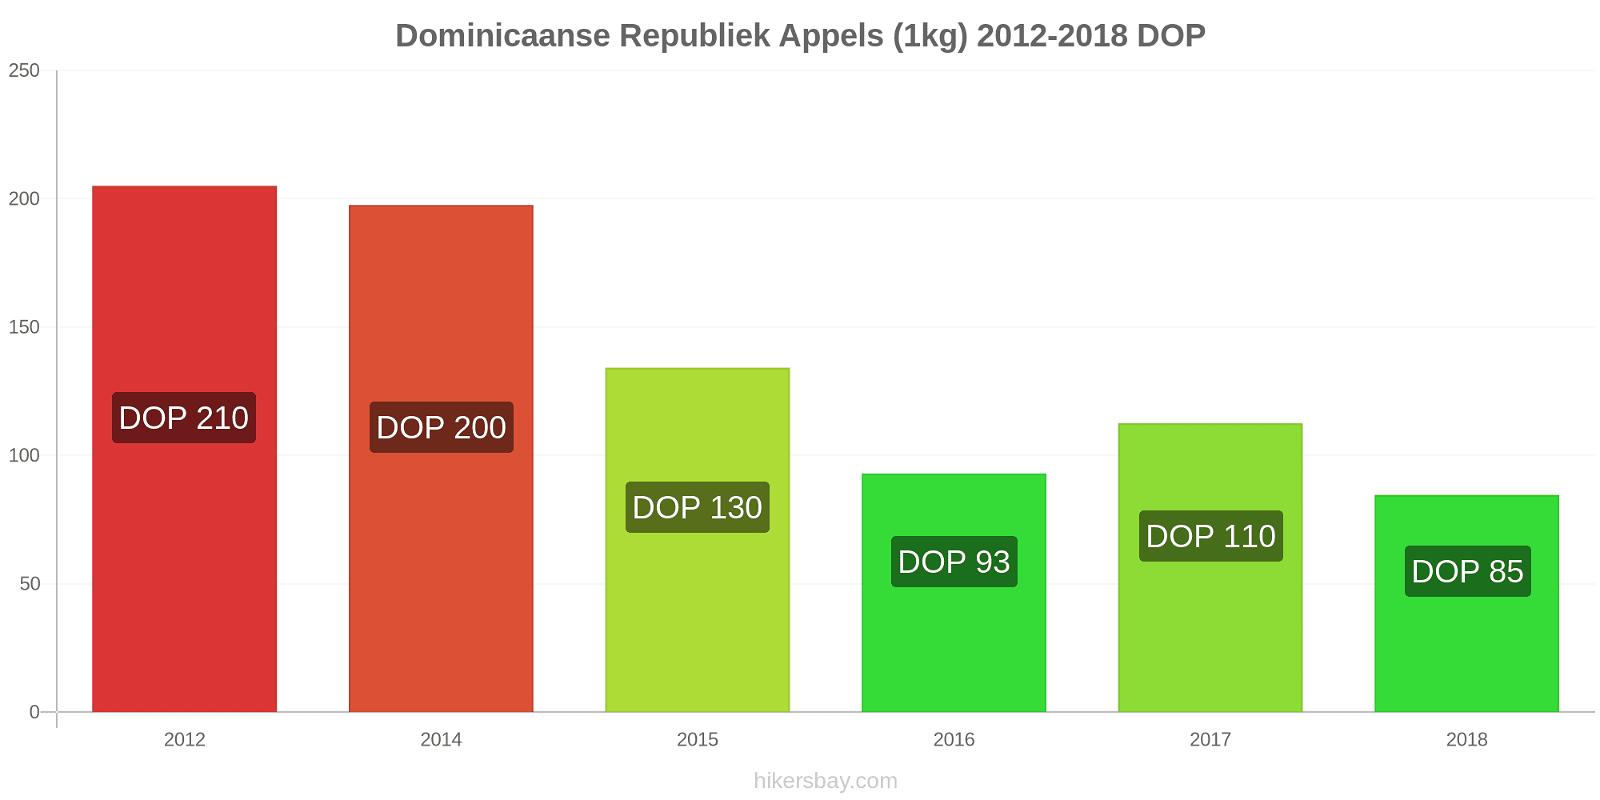 Dominicaanse Republiek prijswijzigingen Appels (1kg) hikersbay.com